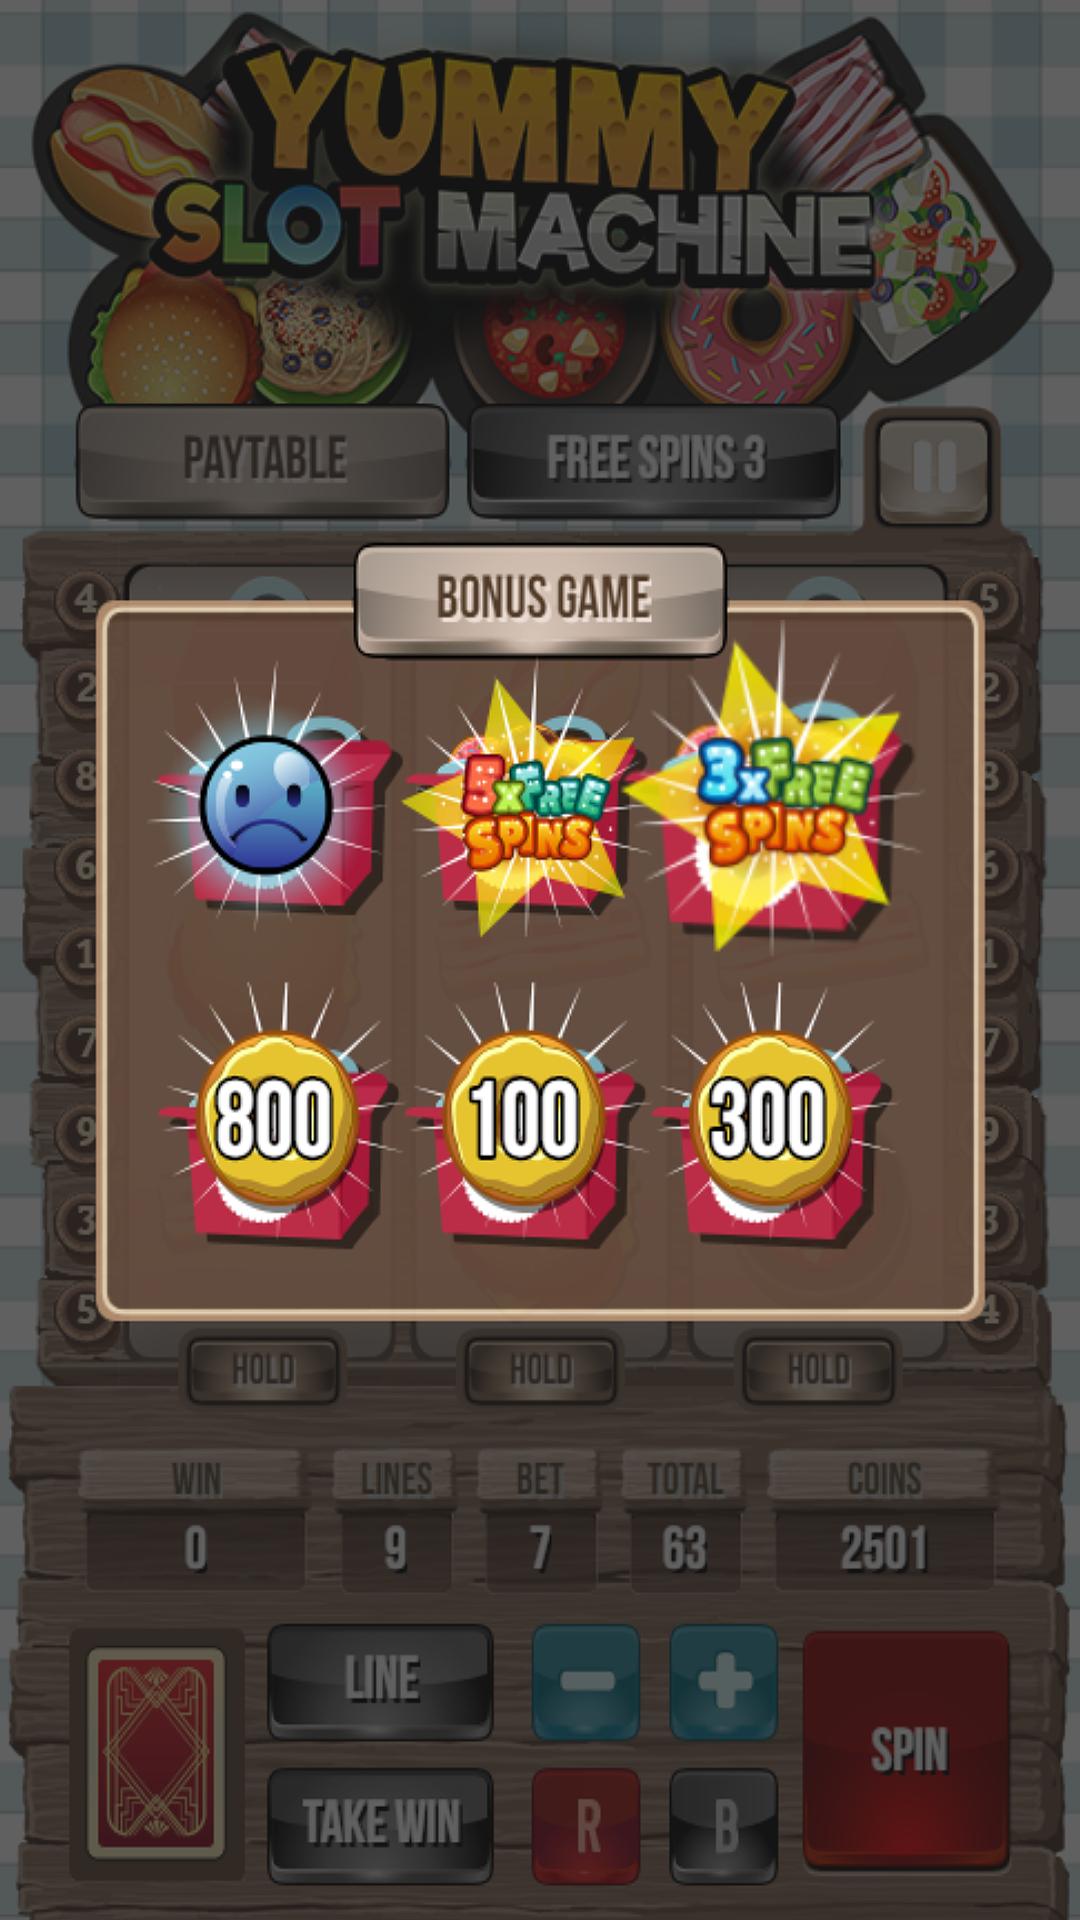 Яндекс игровые автоматы играть онлайн бесплатно играть шарки игровые автоматы